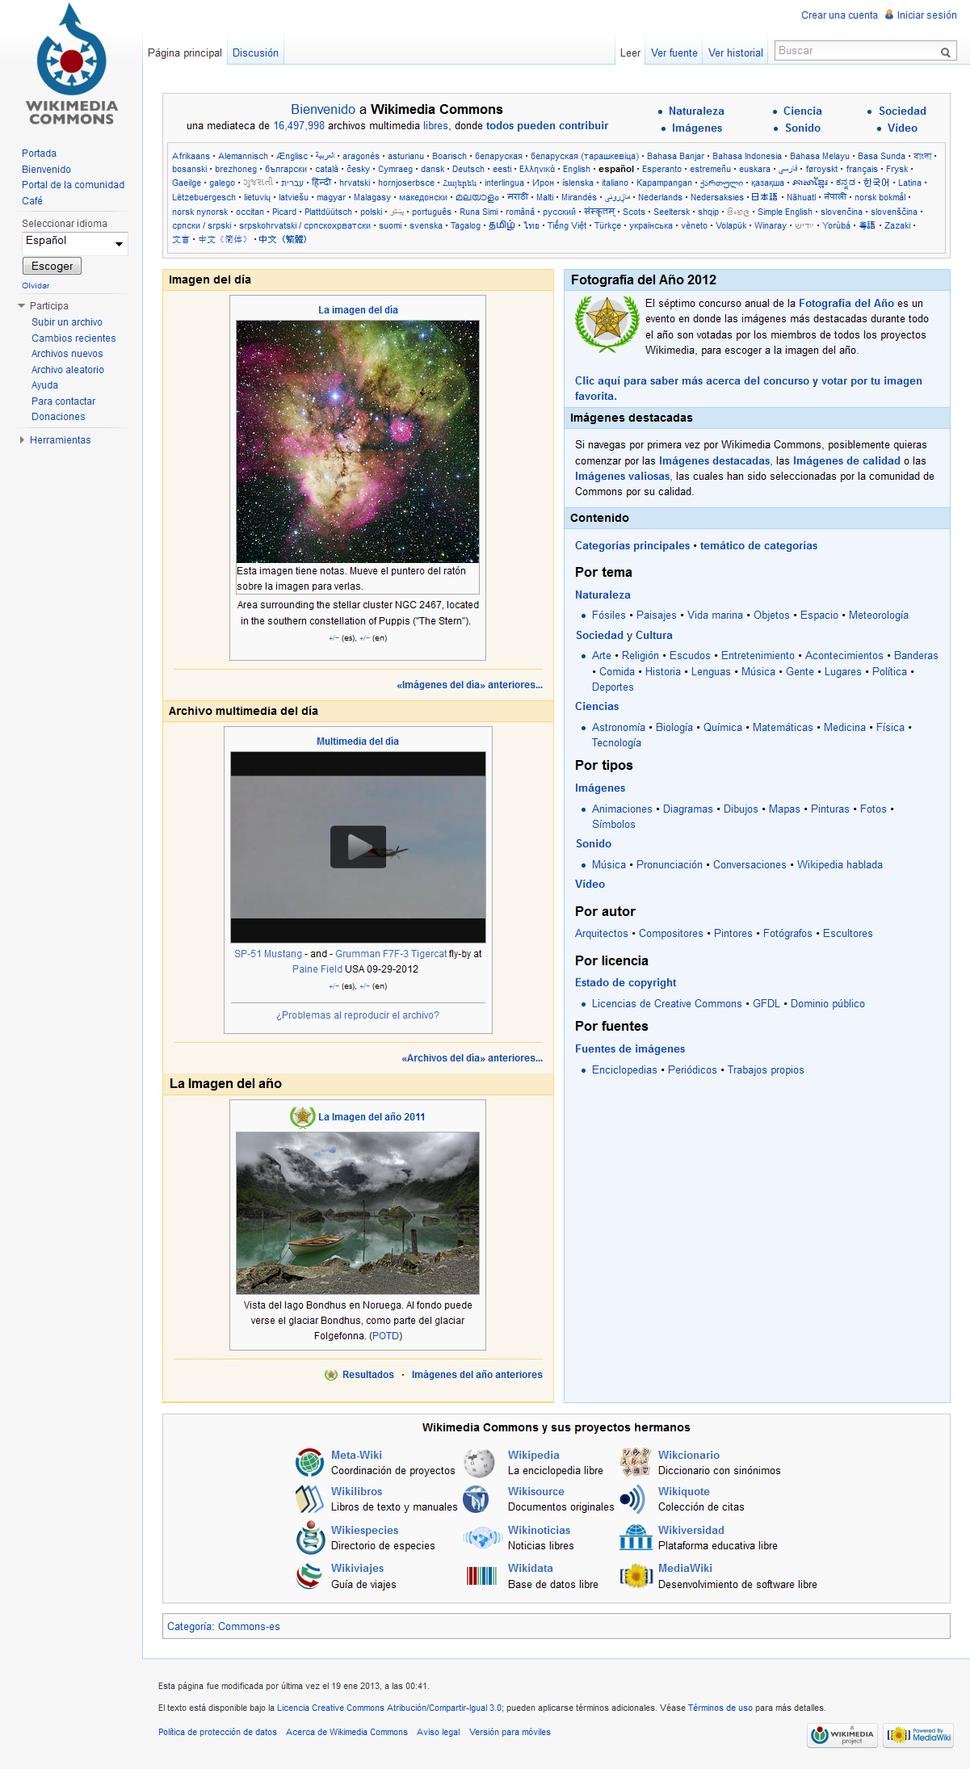 Wikimedia Commons (Spanish) screenshot